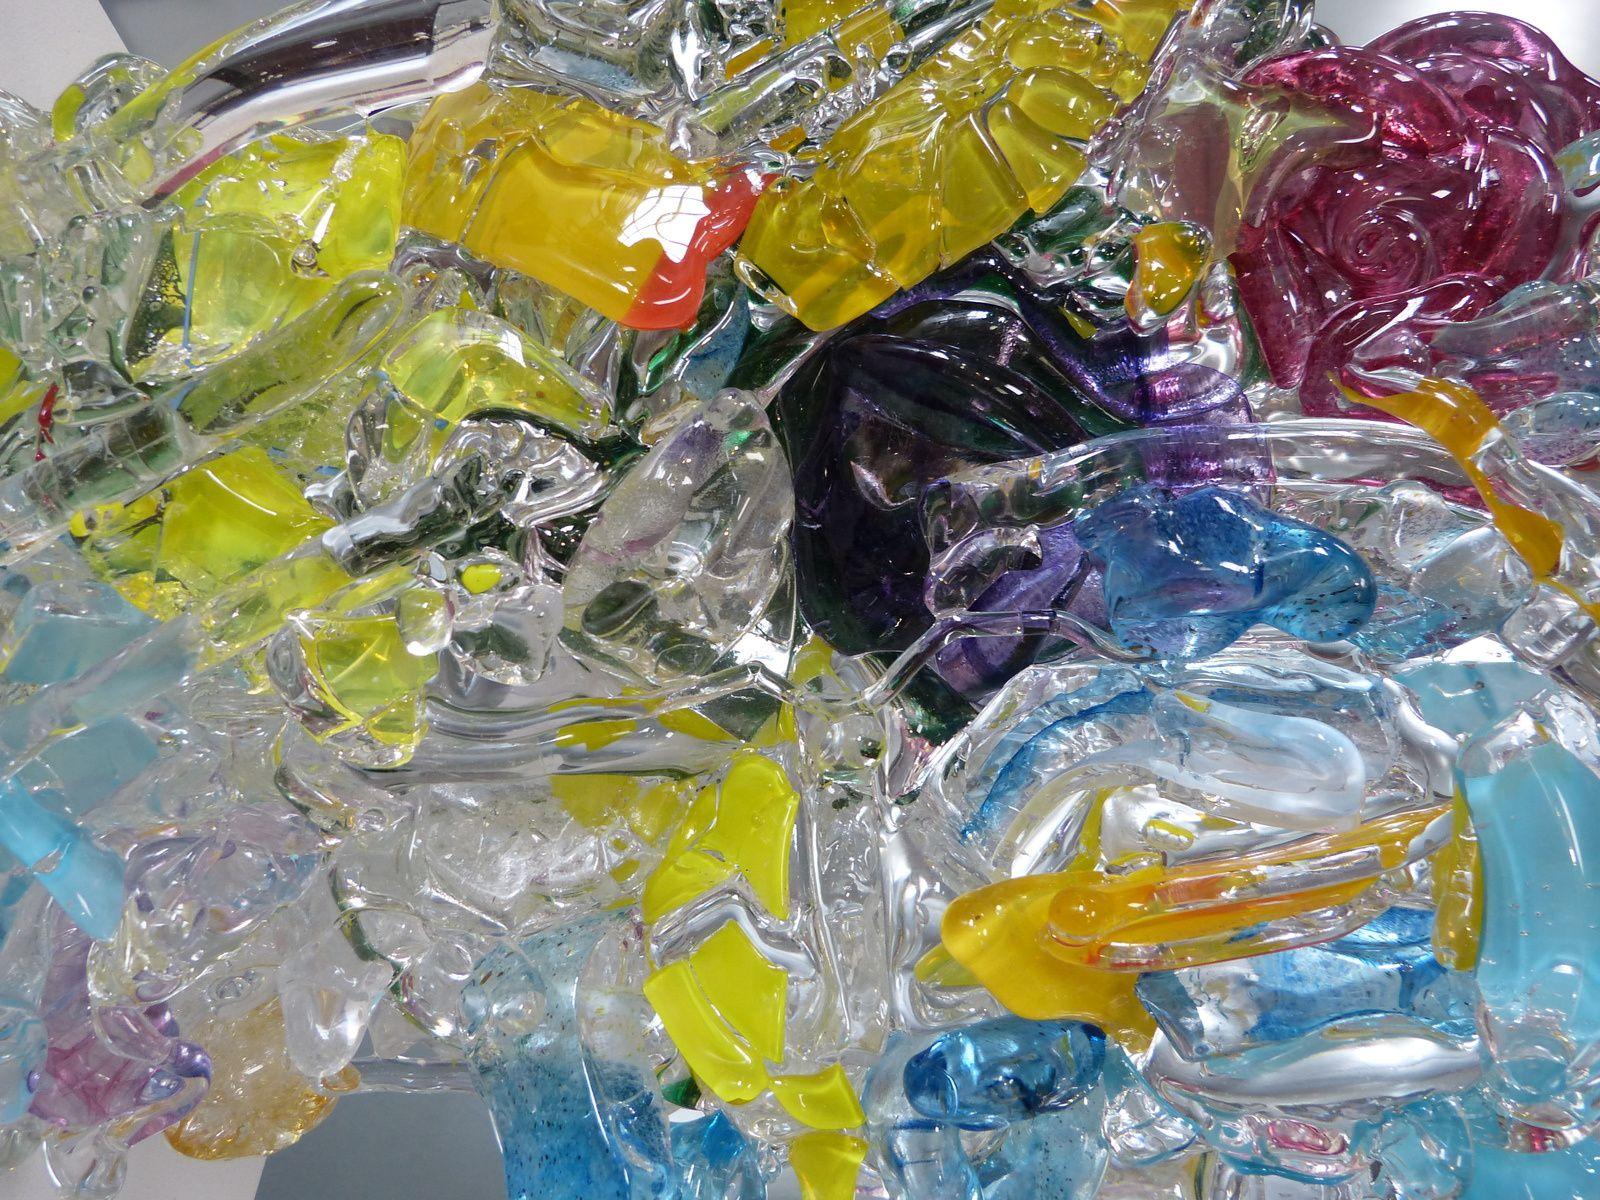 si vous êtes dans les Landes(40) faites lui une visite à Magescq au musée du verre et saluez le de ma part....JFVC.